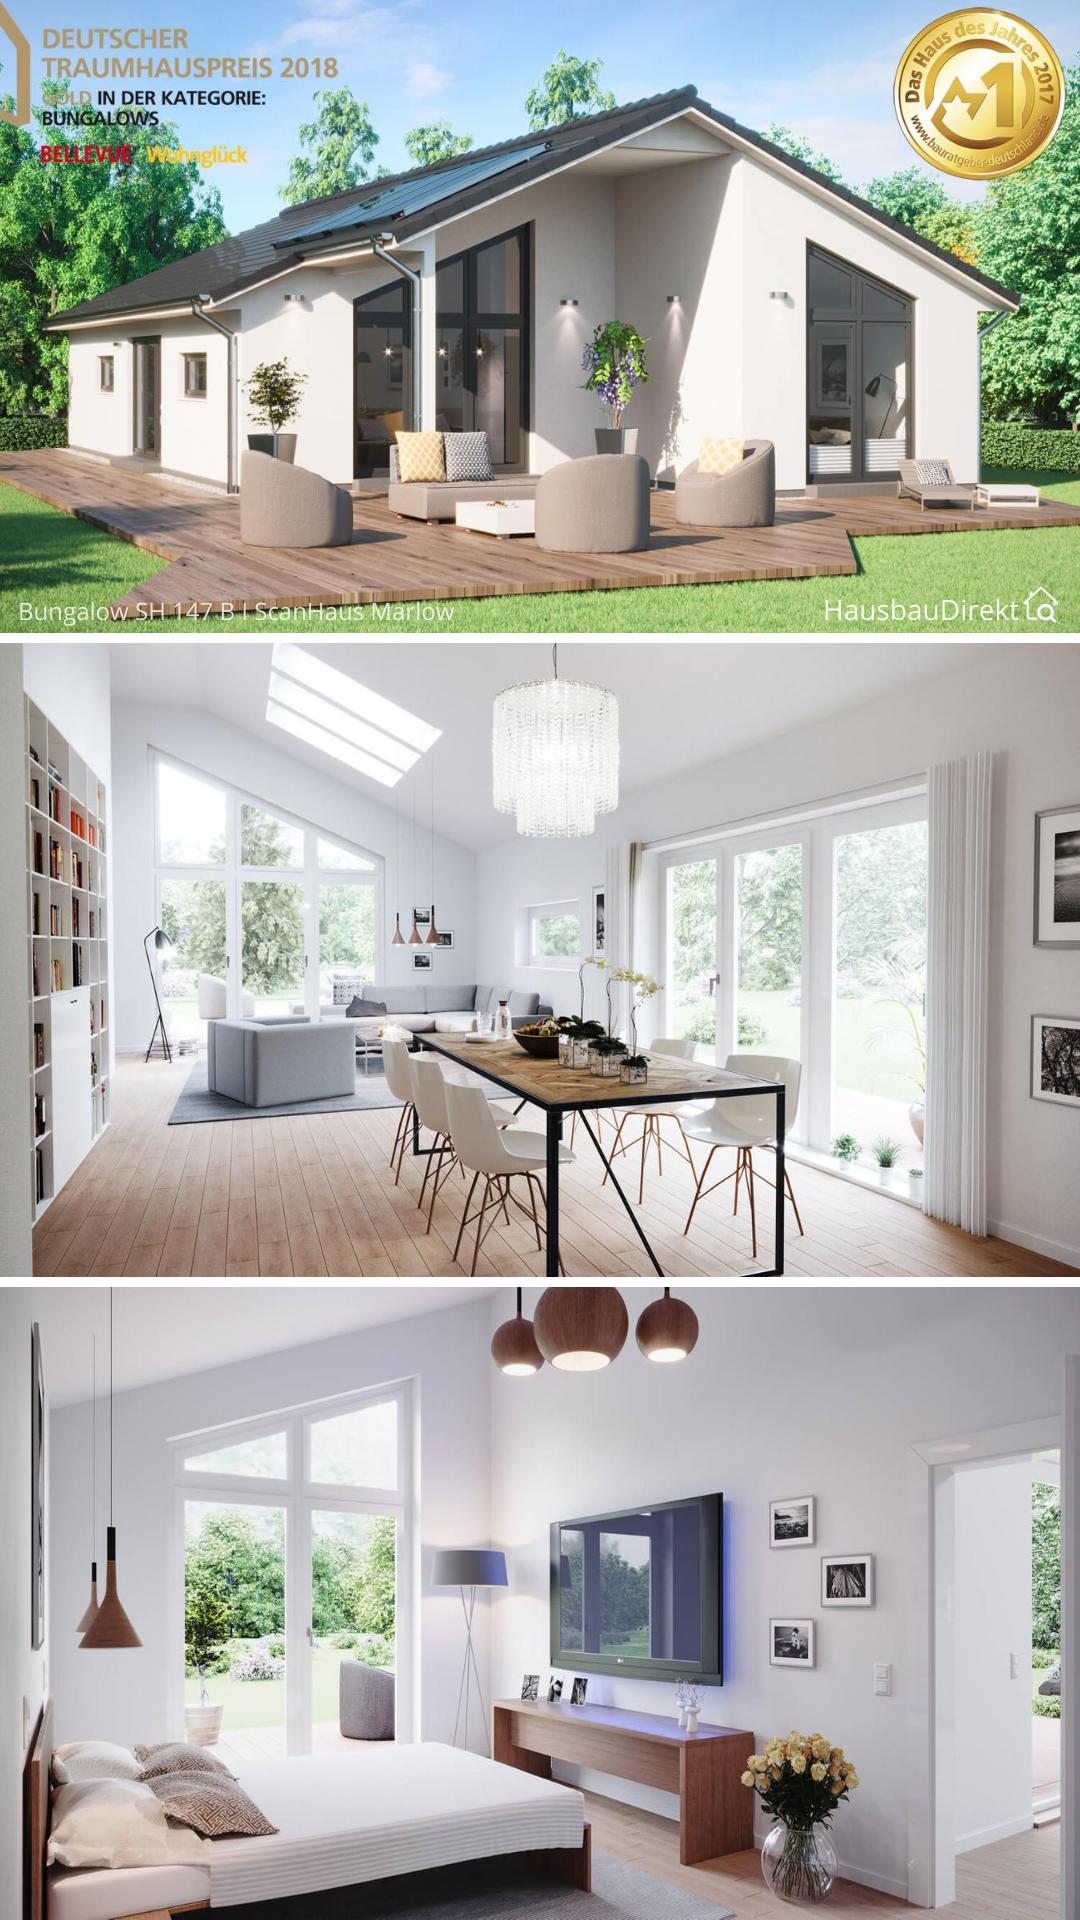 Bungalow Haus Design modern mit Satteldach, überdachter ...